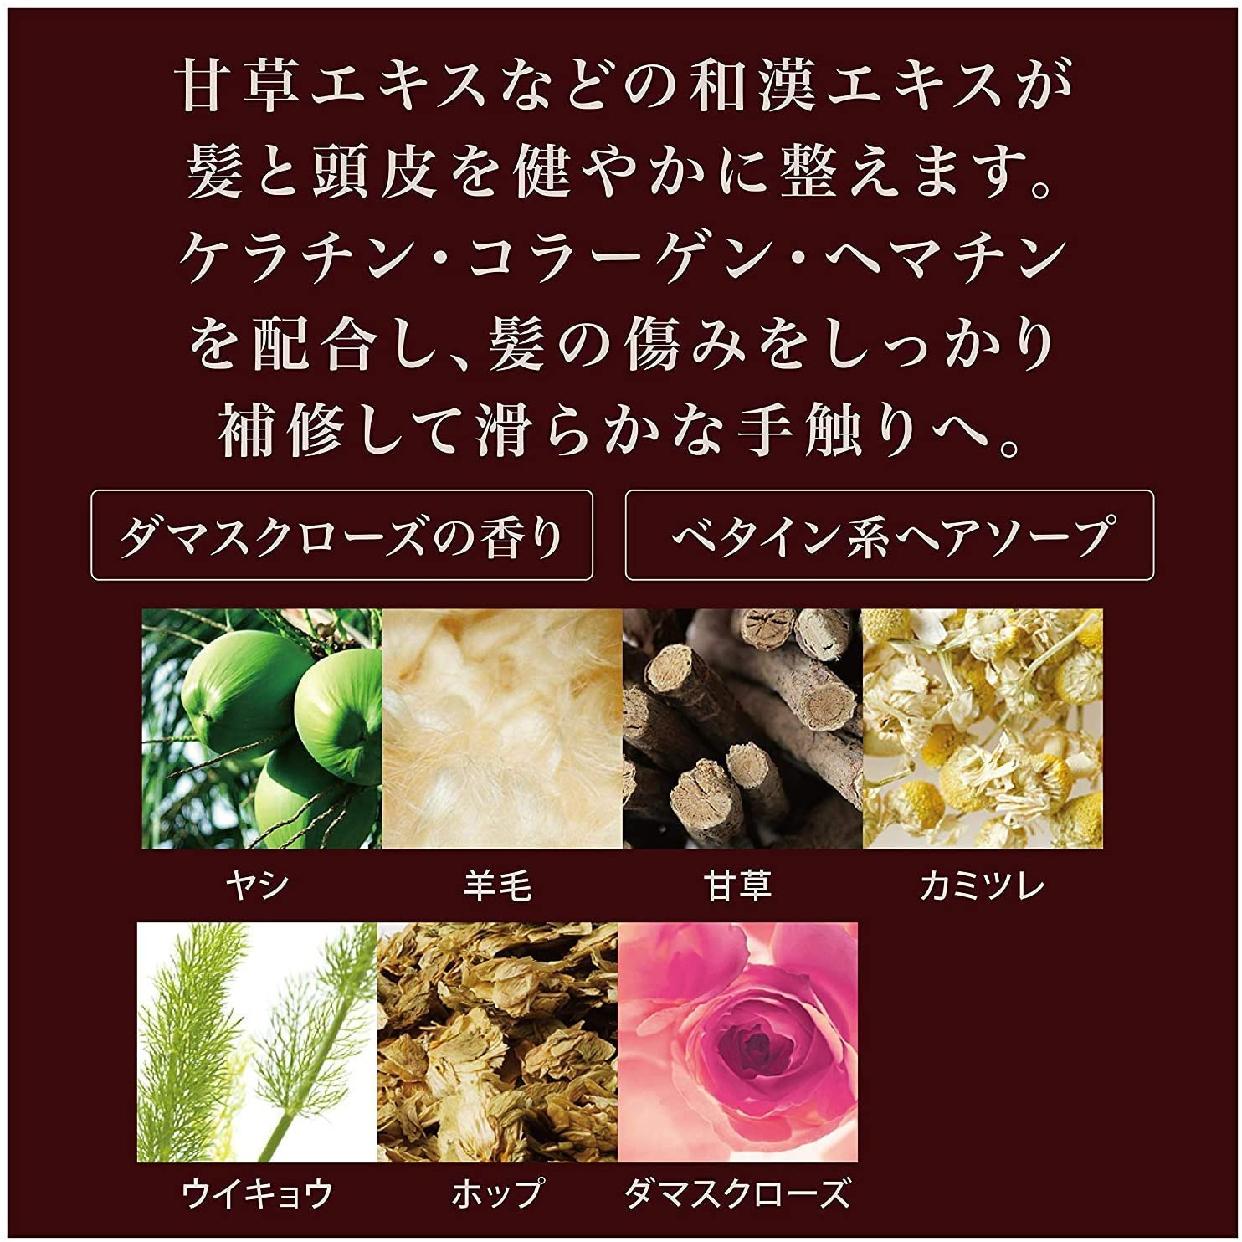 Of cosmetics(オブ・コスメティックス) ソープオブへア・1-ROシットリ スタンダードサイズ(ローズの香り)の商品画像5